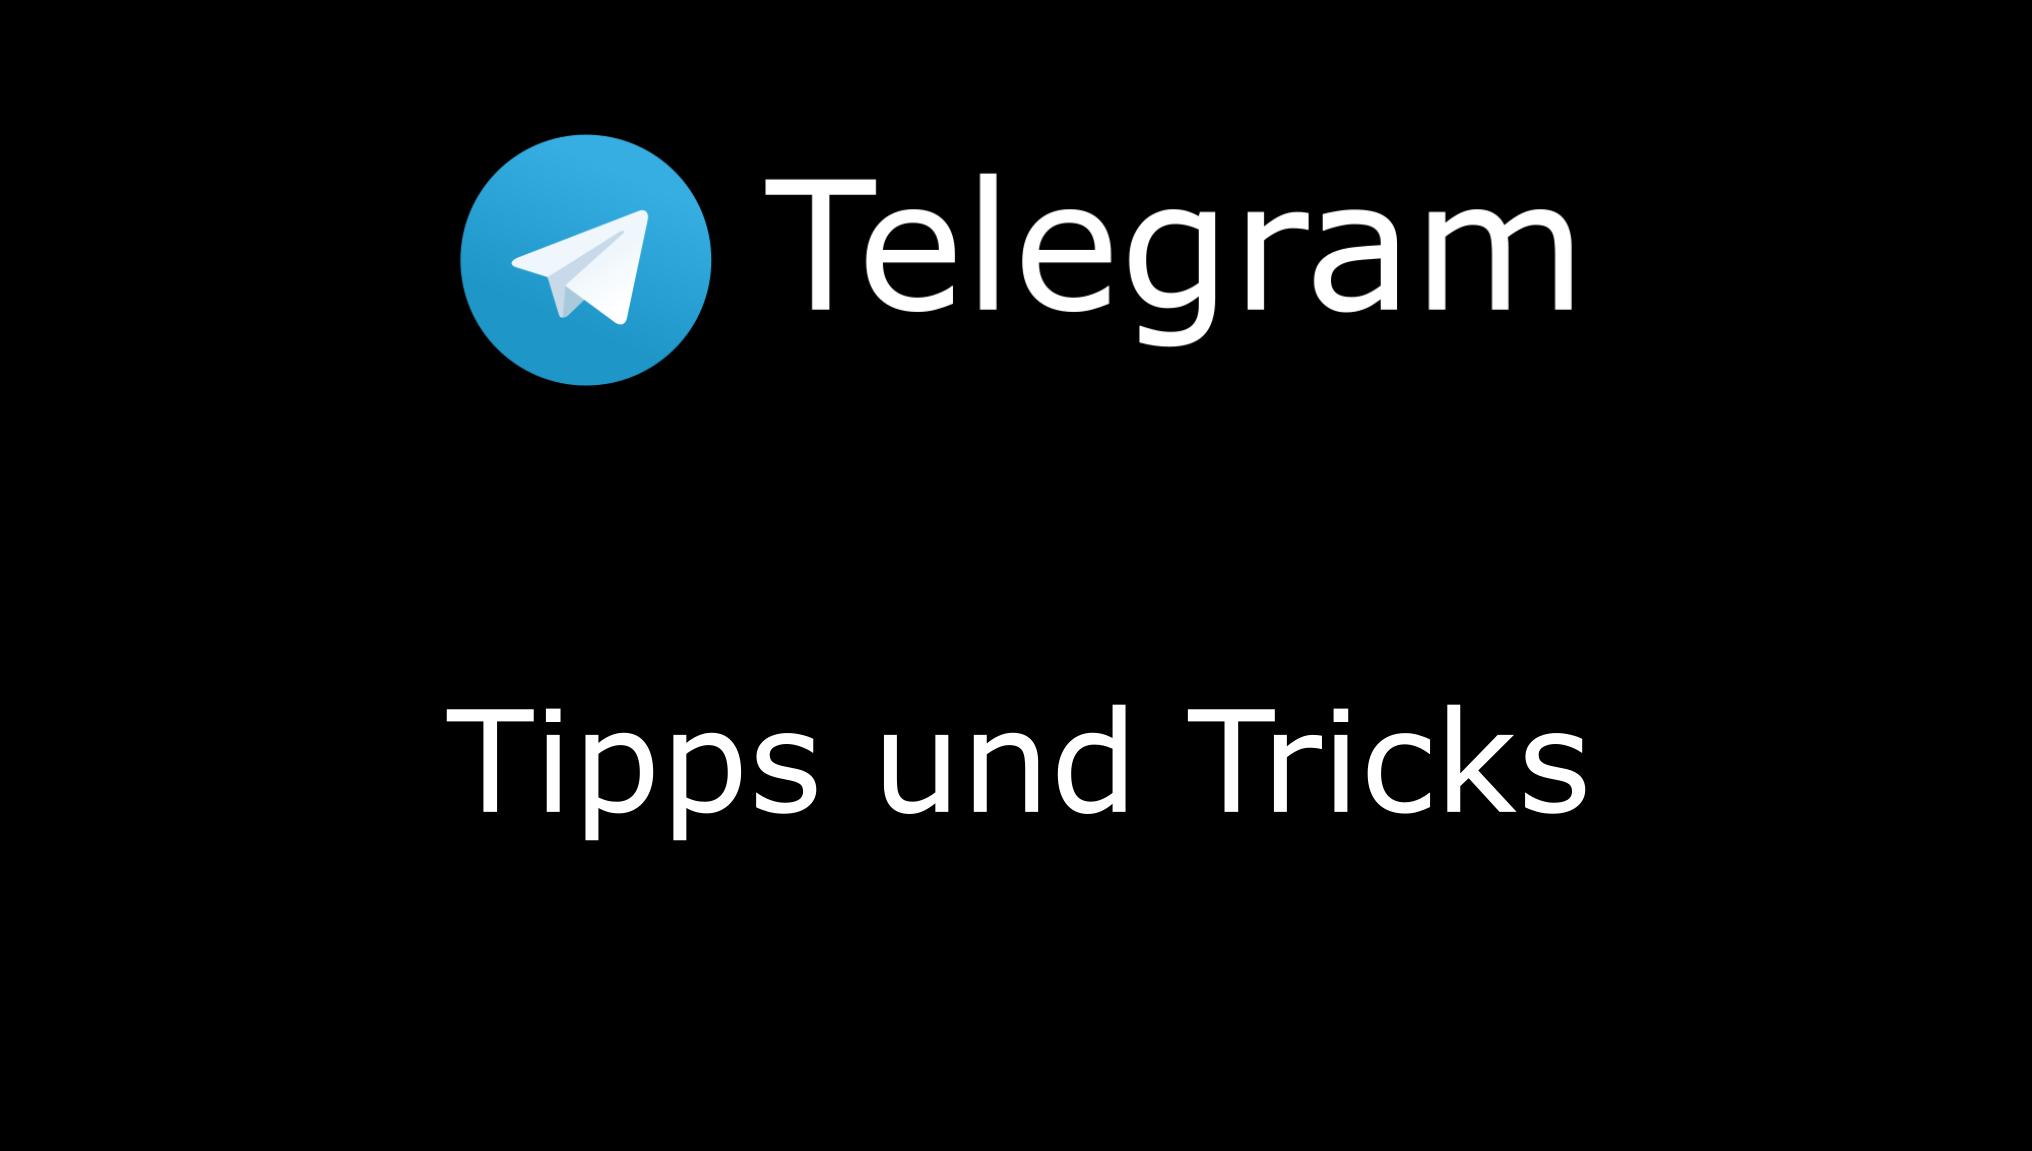 Telegram Tipps und Tricks